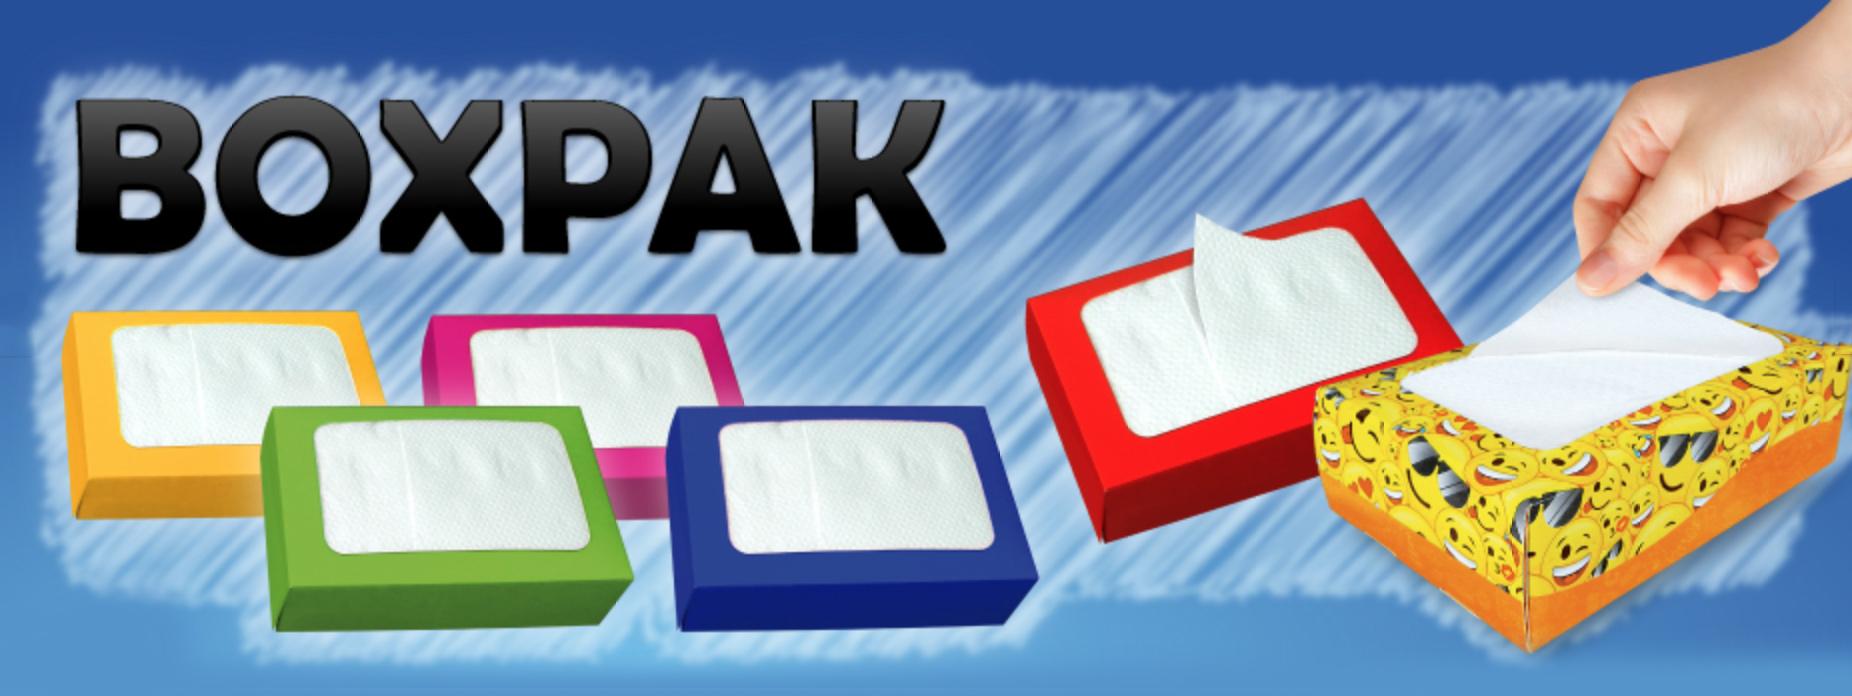 Guardanapo de Papel Descartável BOXPAK